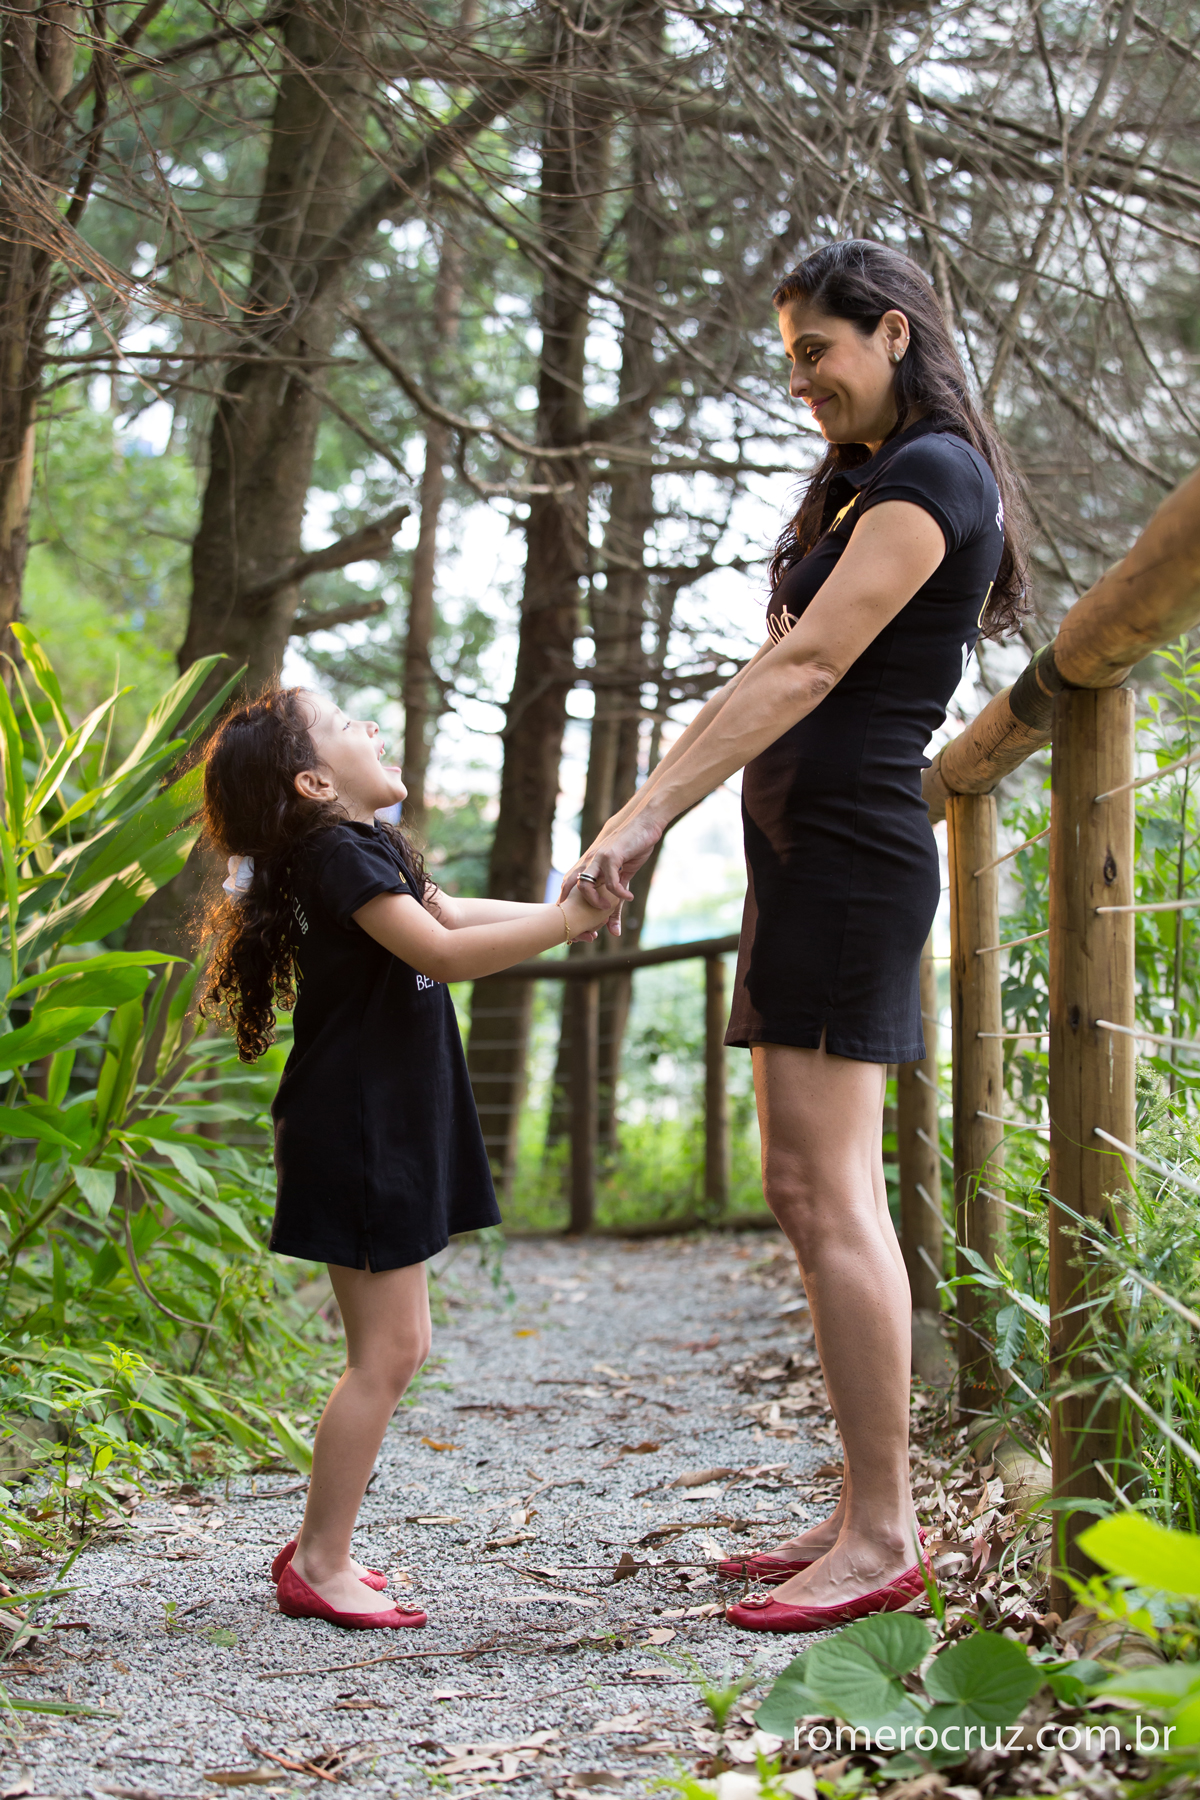 Mãe e Filha brincam durante ensaio fotográfico na lente do fotógrafo Romero Cruz